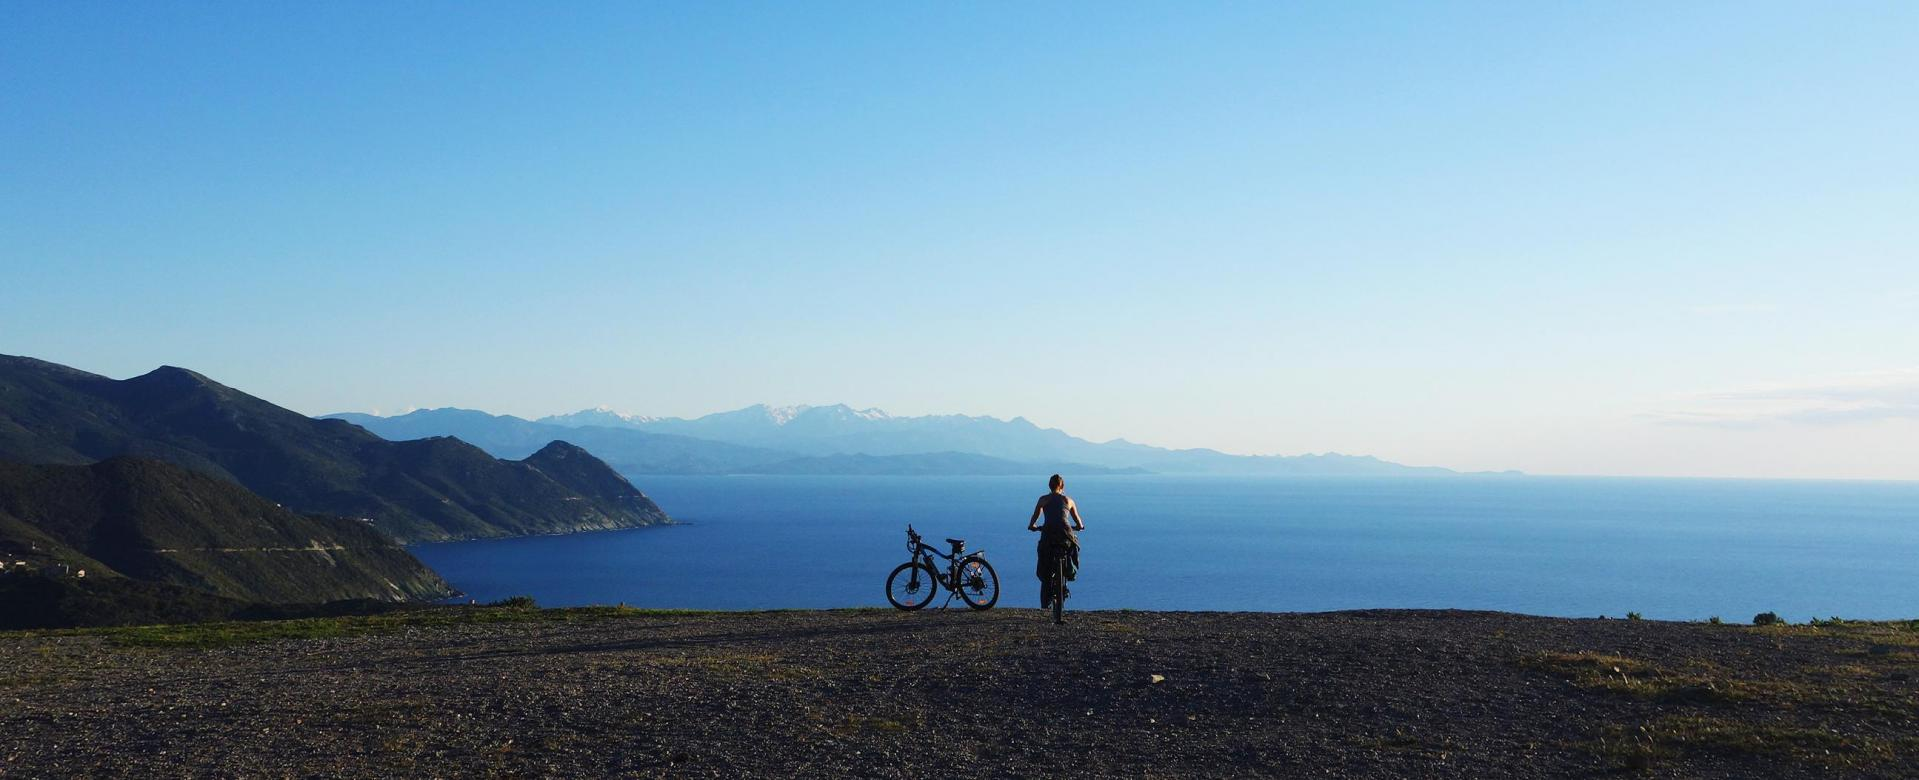 Voyage à pied : Le tour du cap corse à vélo